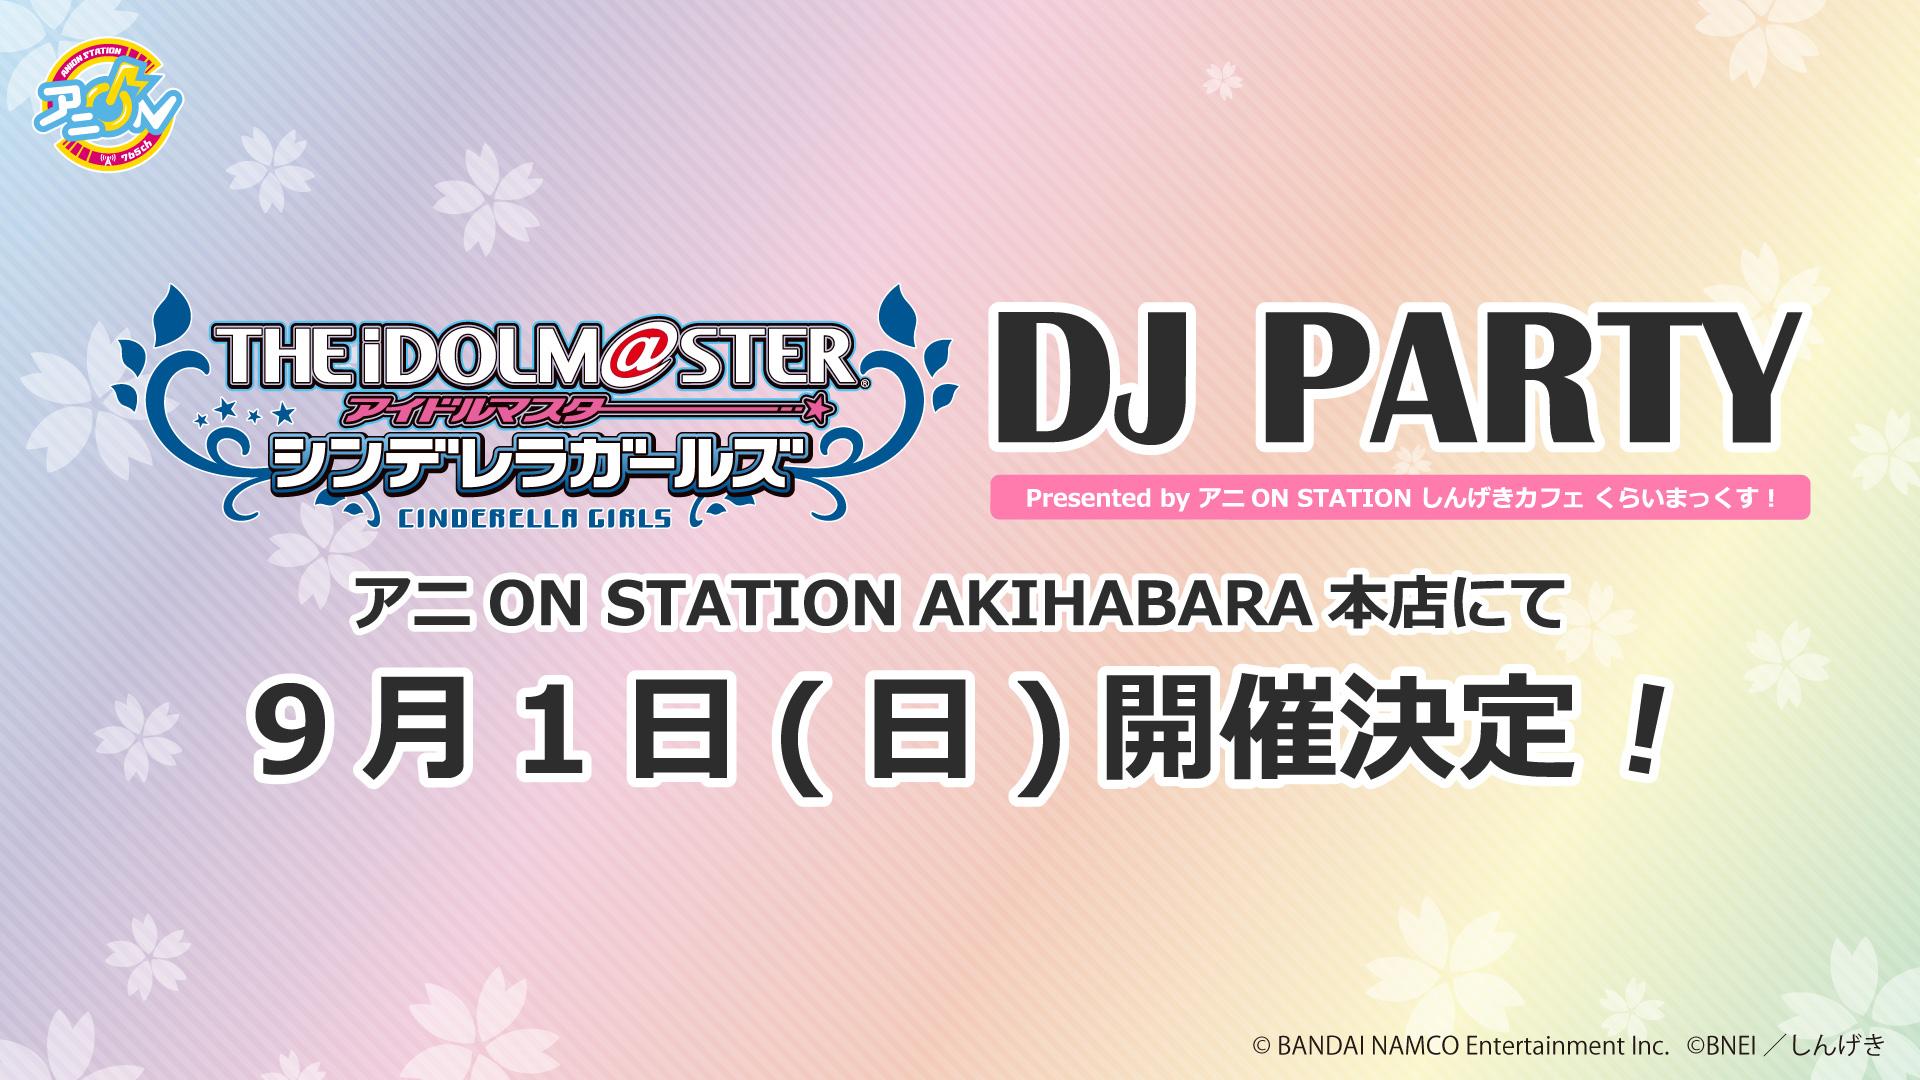 アイドルマスター シンデレラガールズ DJ PARTY  しんげきカフェ くらいまっくす!にosirasekitaの出演が決定!